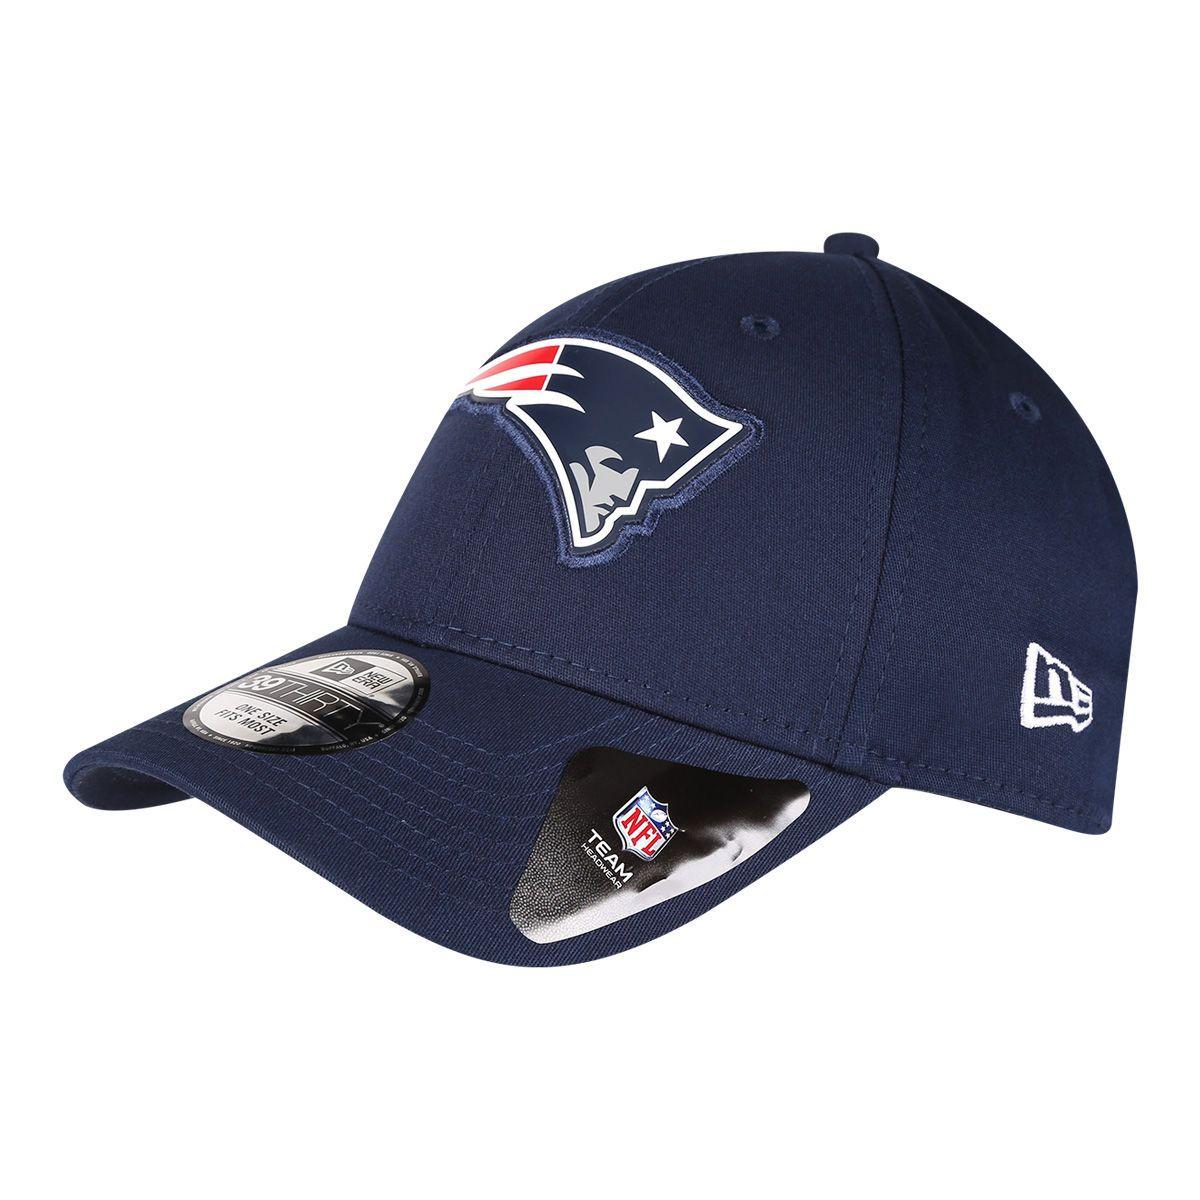 20d93ebbd2 Boné New Era NFL New England Patriots Aba Curva 3930 Lic996 Su17 Neepat -  Marinho